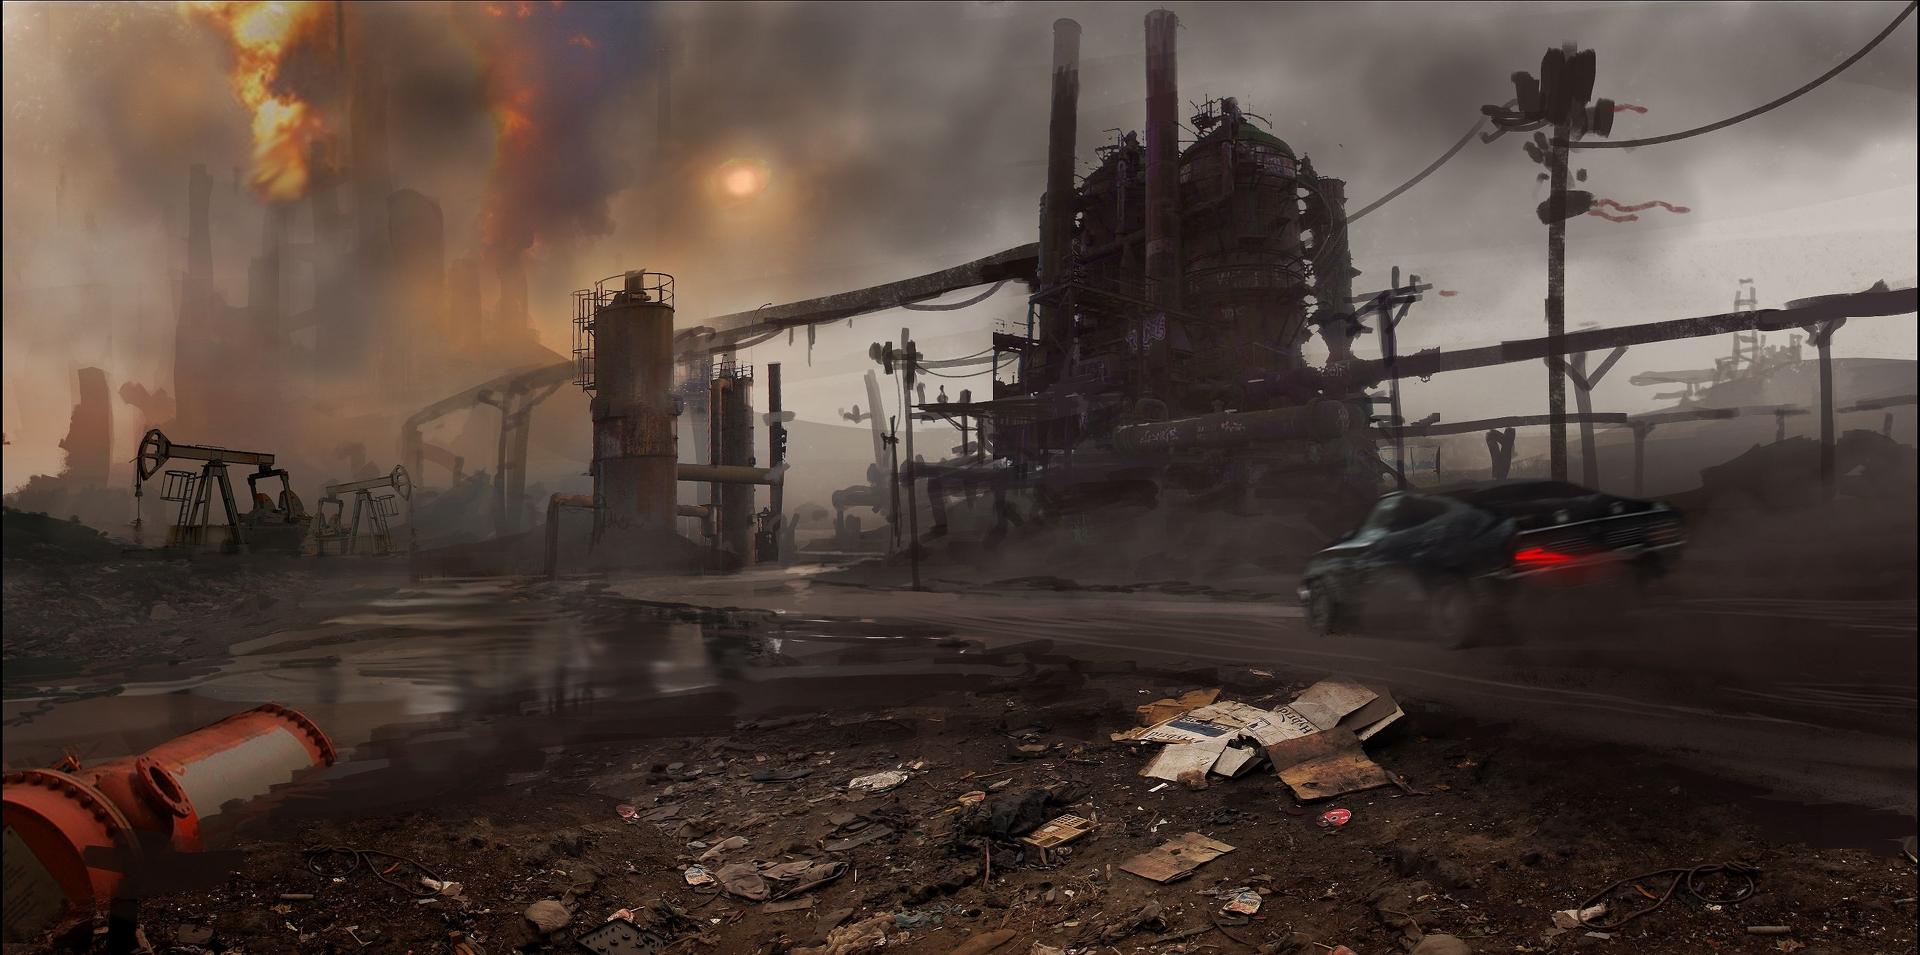 Obrazem: Post-apokalyptická pustina z akce Mad Max 108270